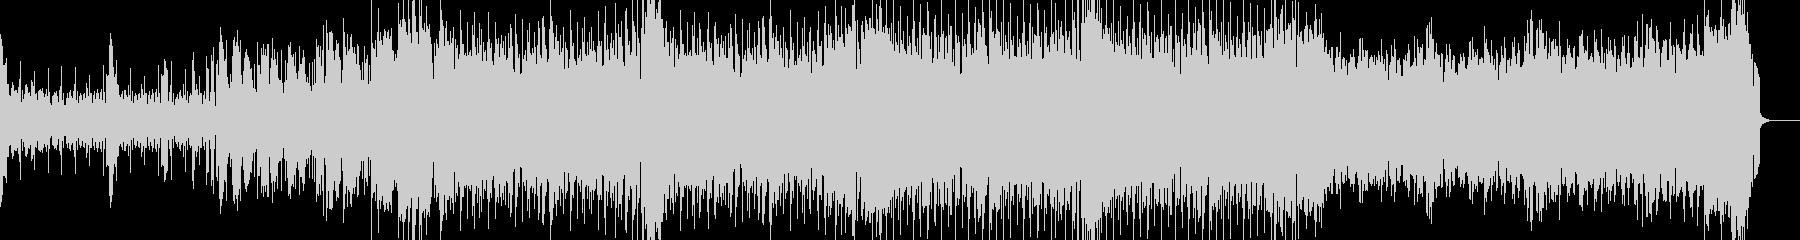 シンプルなフレンチハウスの未再生の波形